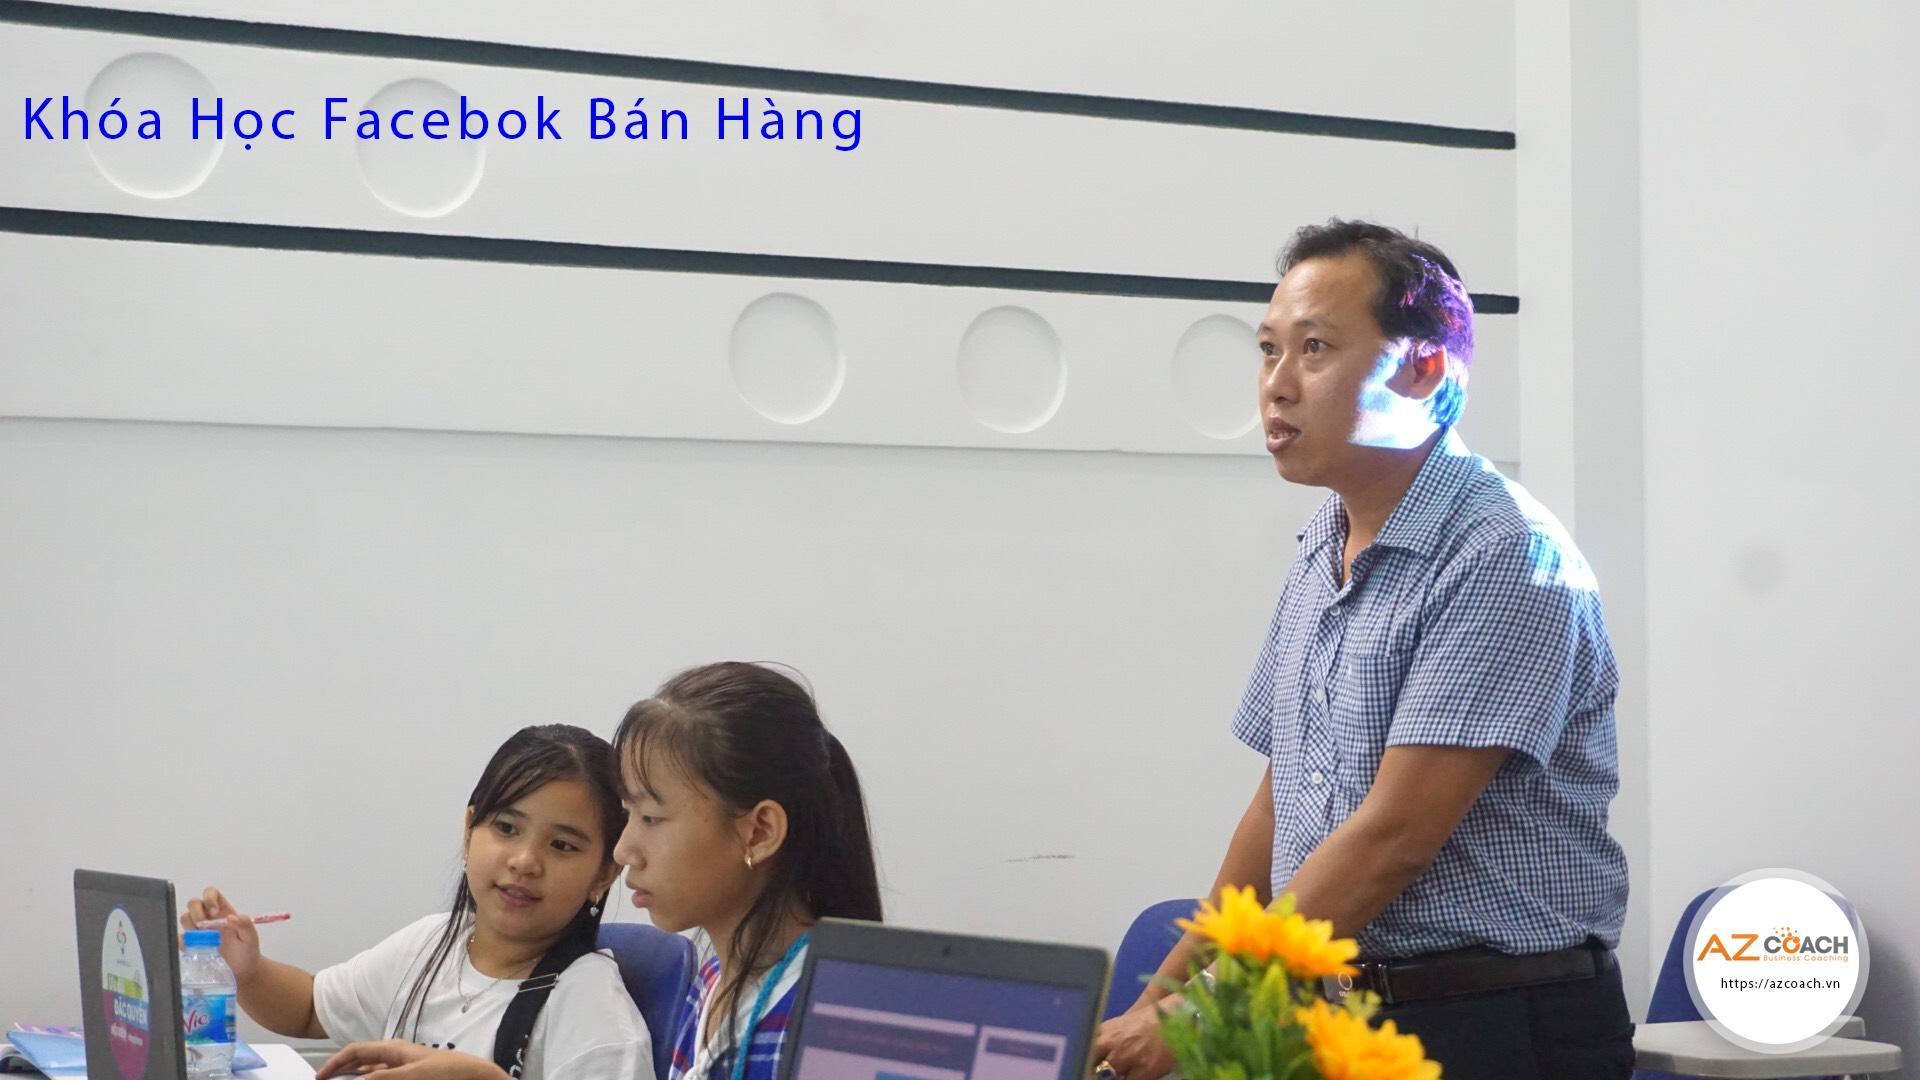 Buổi đầu tiên khóa 2 lớp học Facebook bán hàng